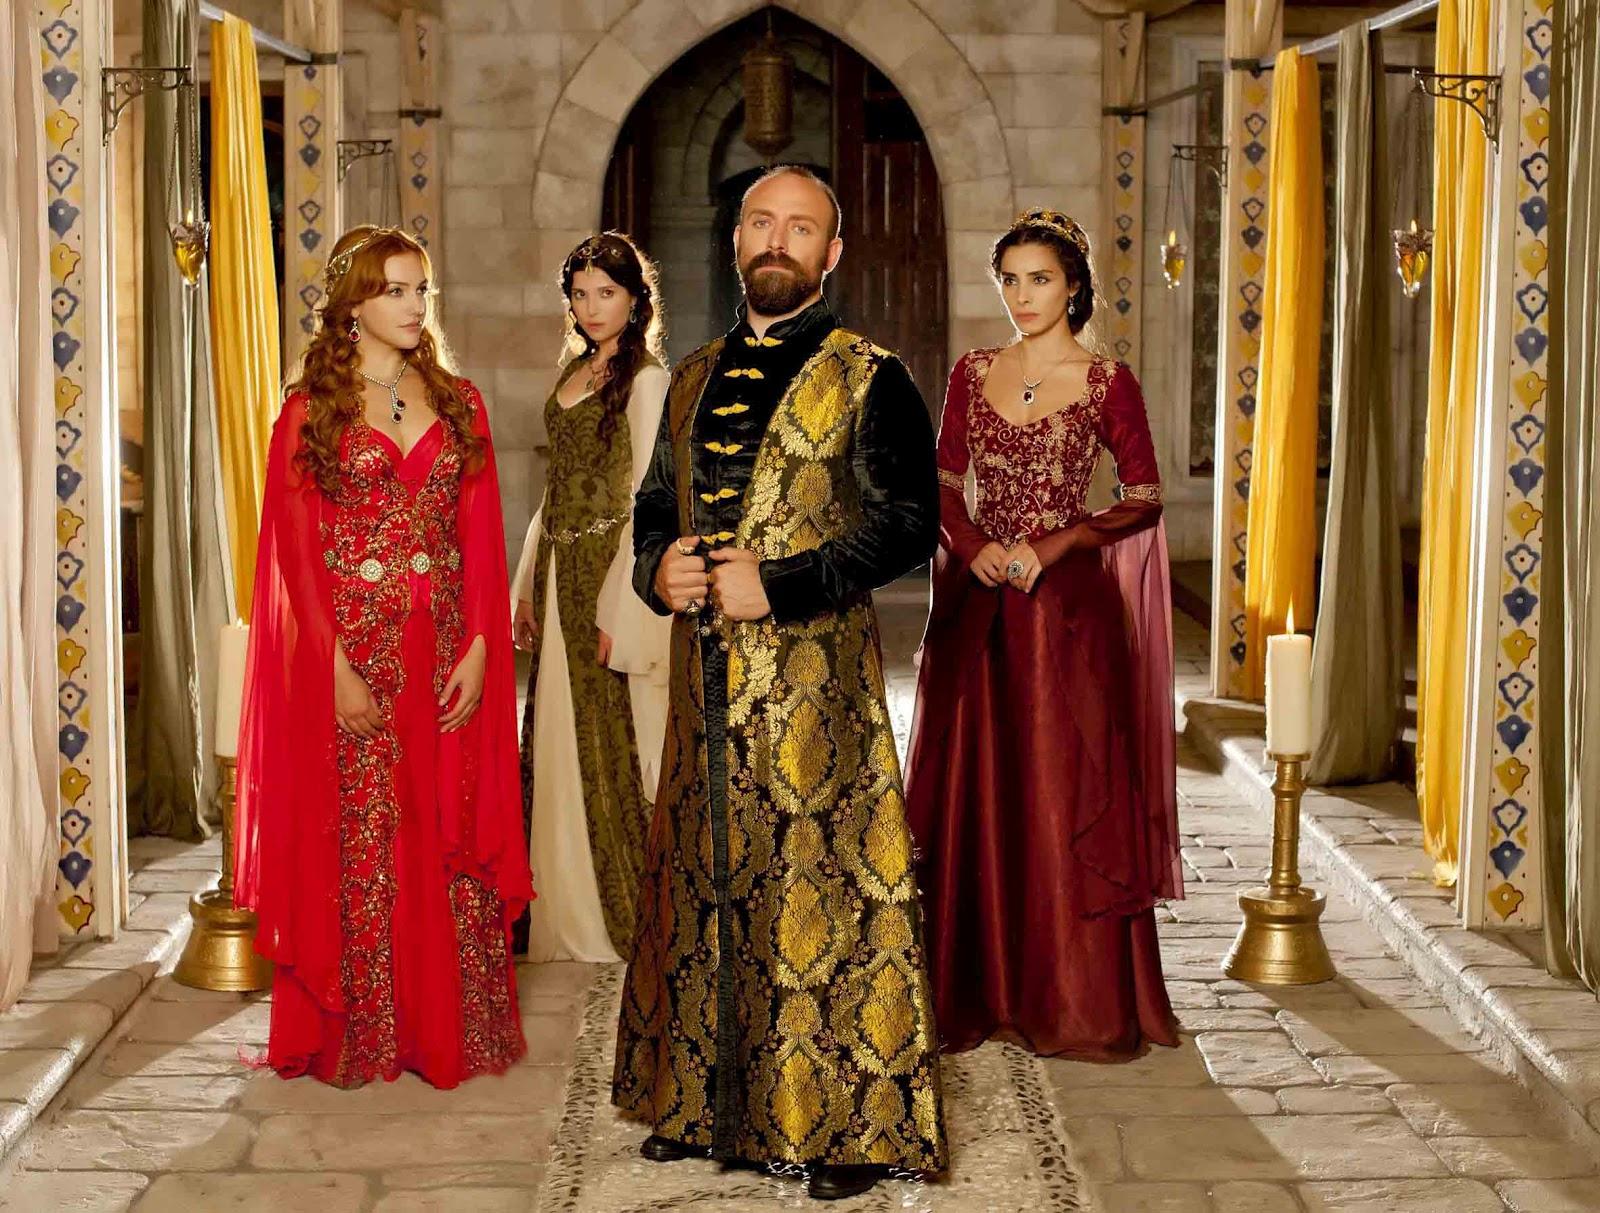 Σουλειμάν ο μεγαλοπρεπής (Suleiman)